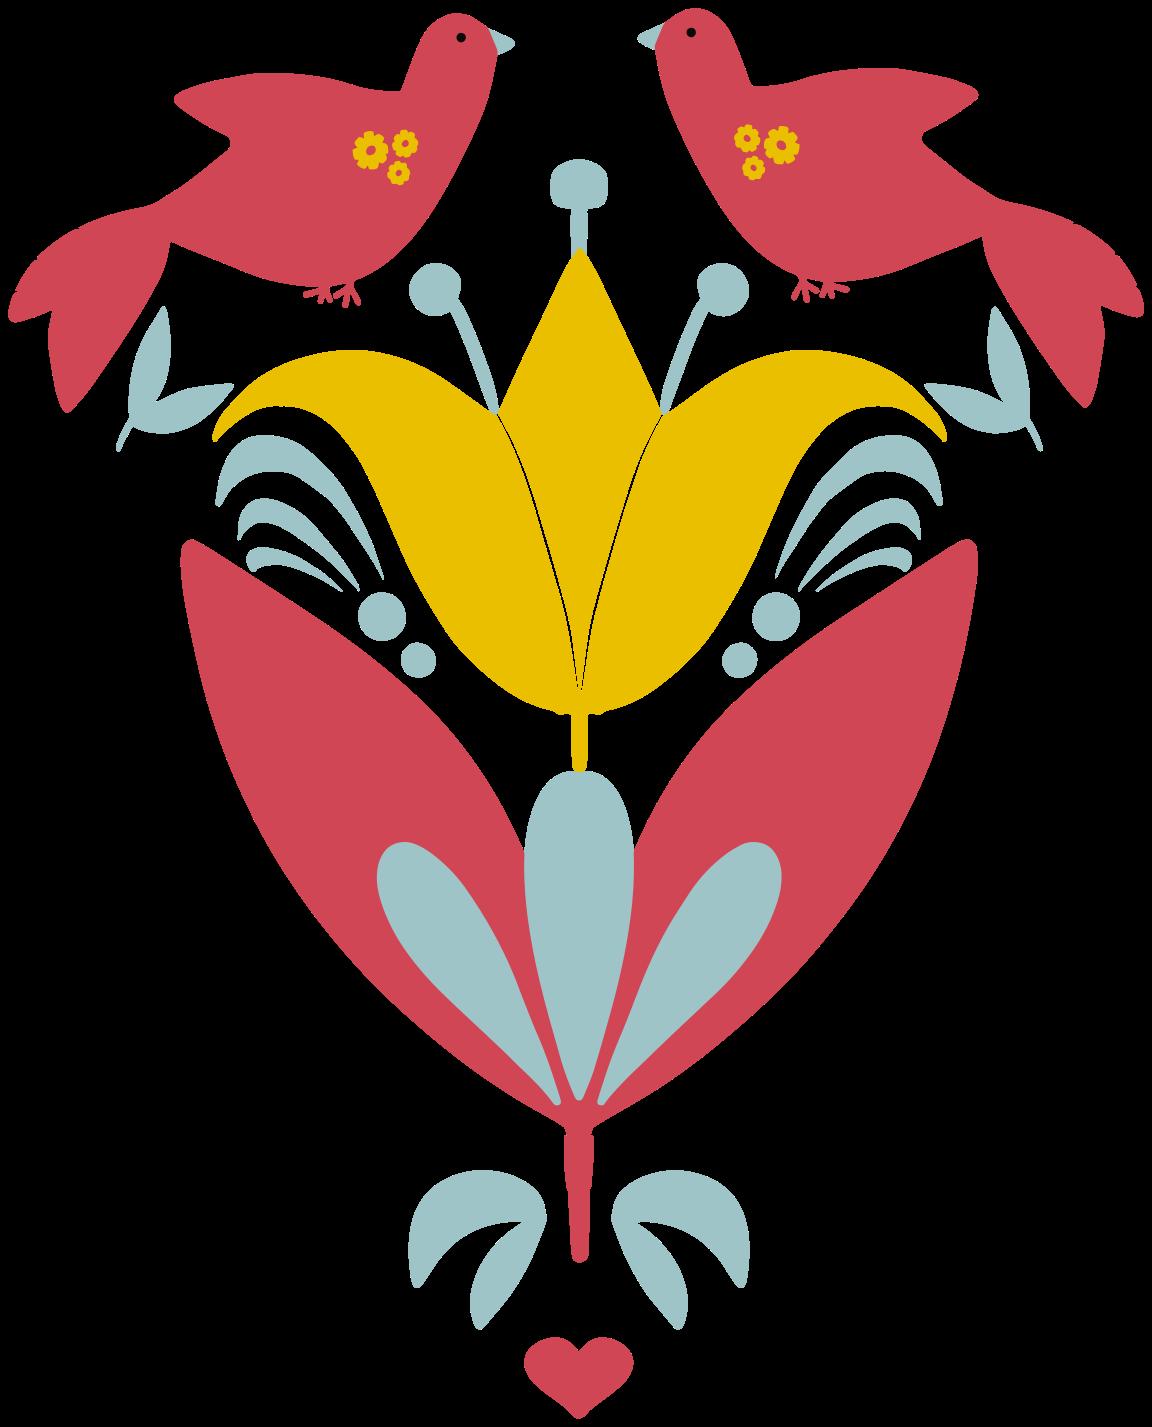 TENSTICKERS. スロバキアの民俗花の壁のステッカーの鳥. 装飾的な装飾用の鳥と花のステッカー。家のあらゆる部分を飾るための素敵なデザイン、それはオリジナルで、耐久性があり、自己接着性です。